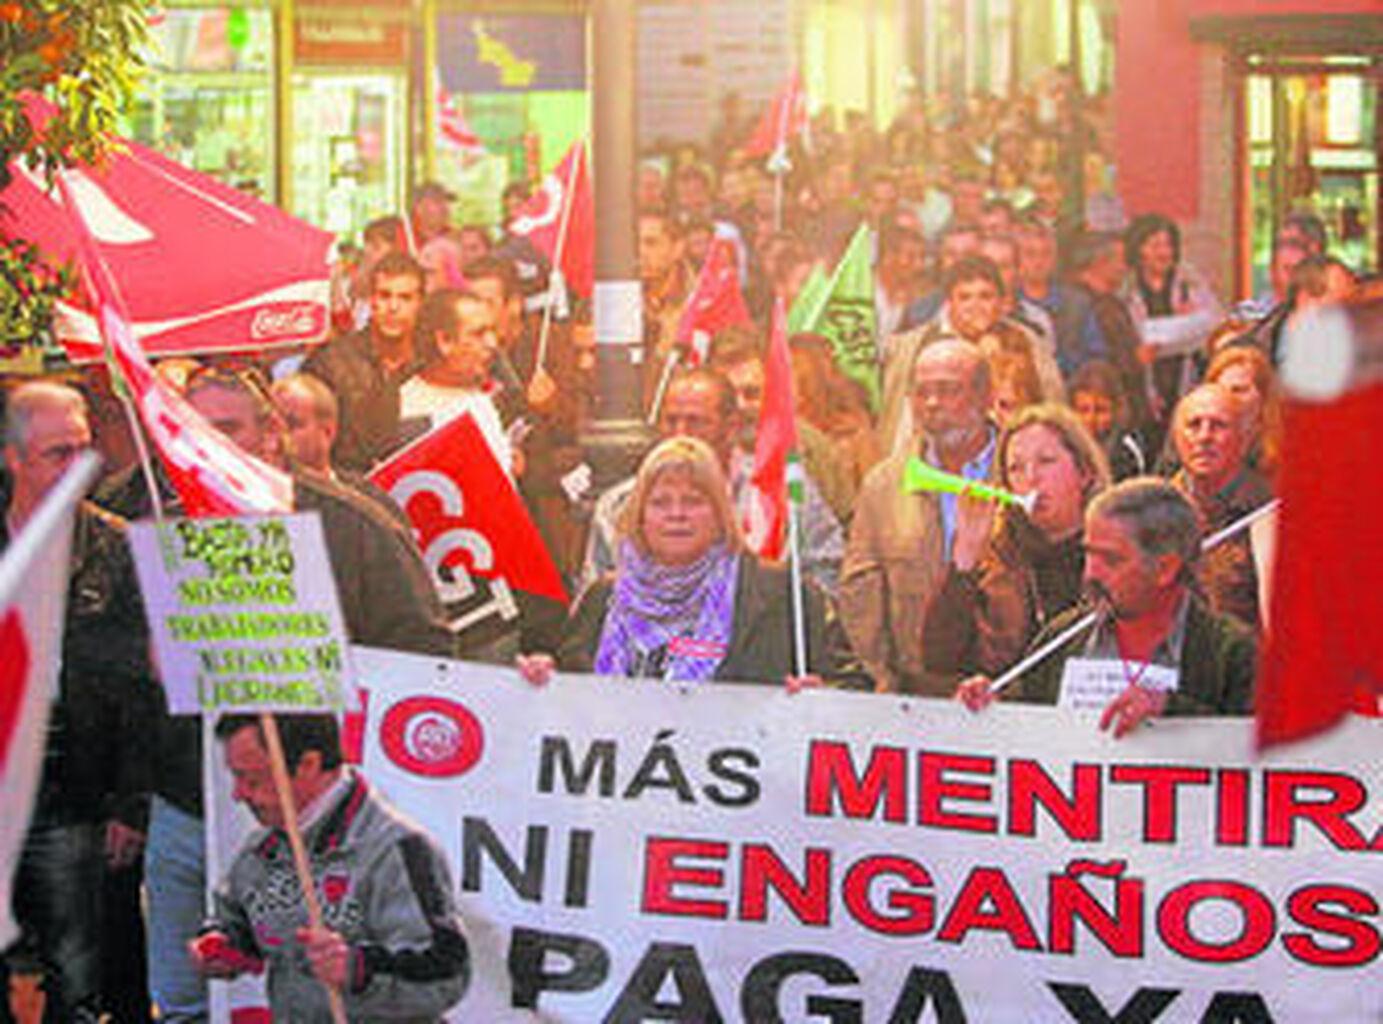 Los sindicatos solicitan a Romero reanudar las negociaciones del ERE